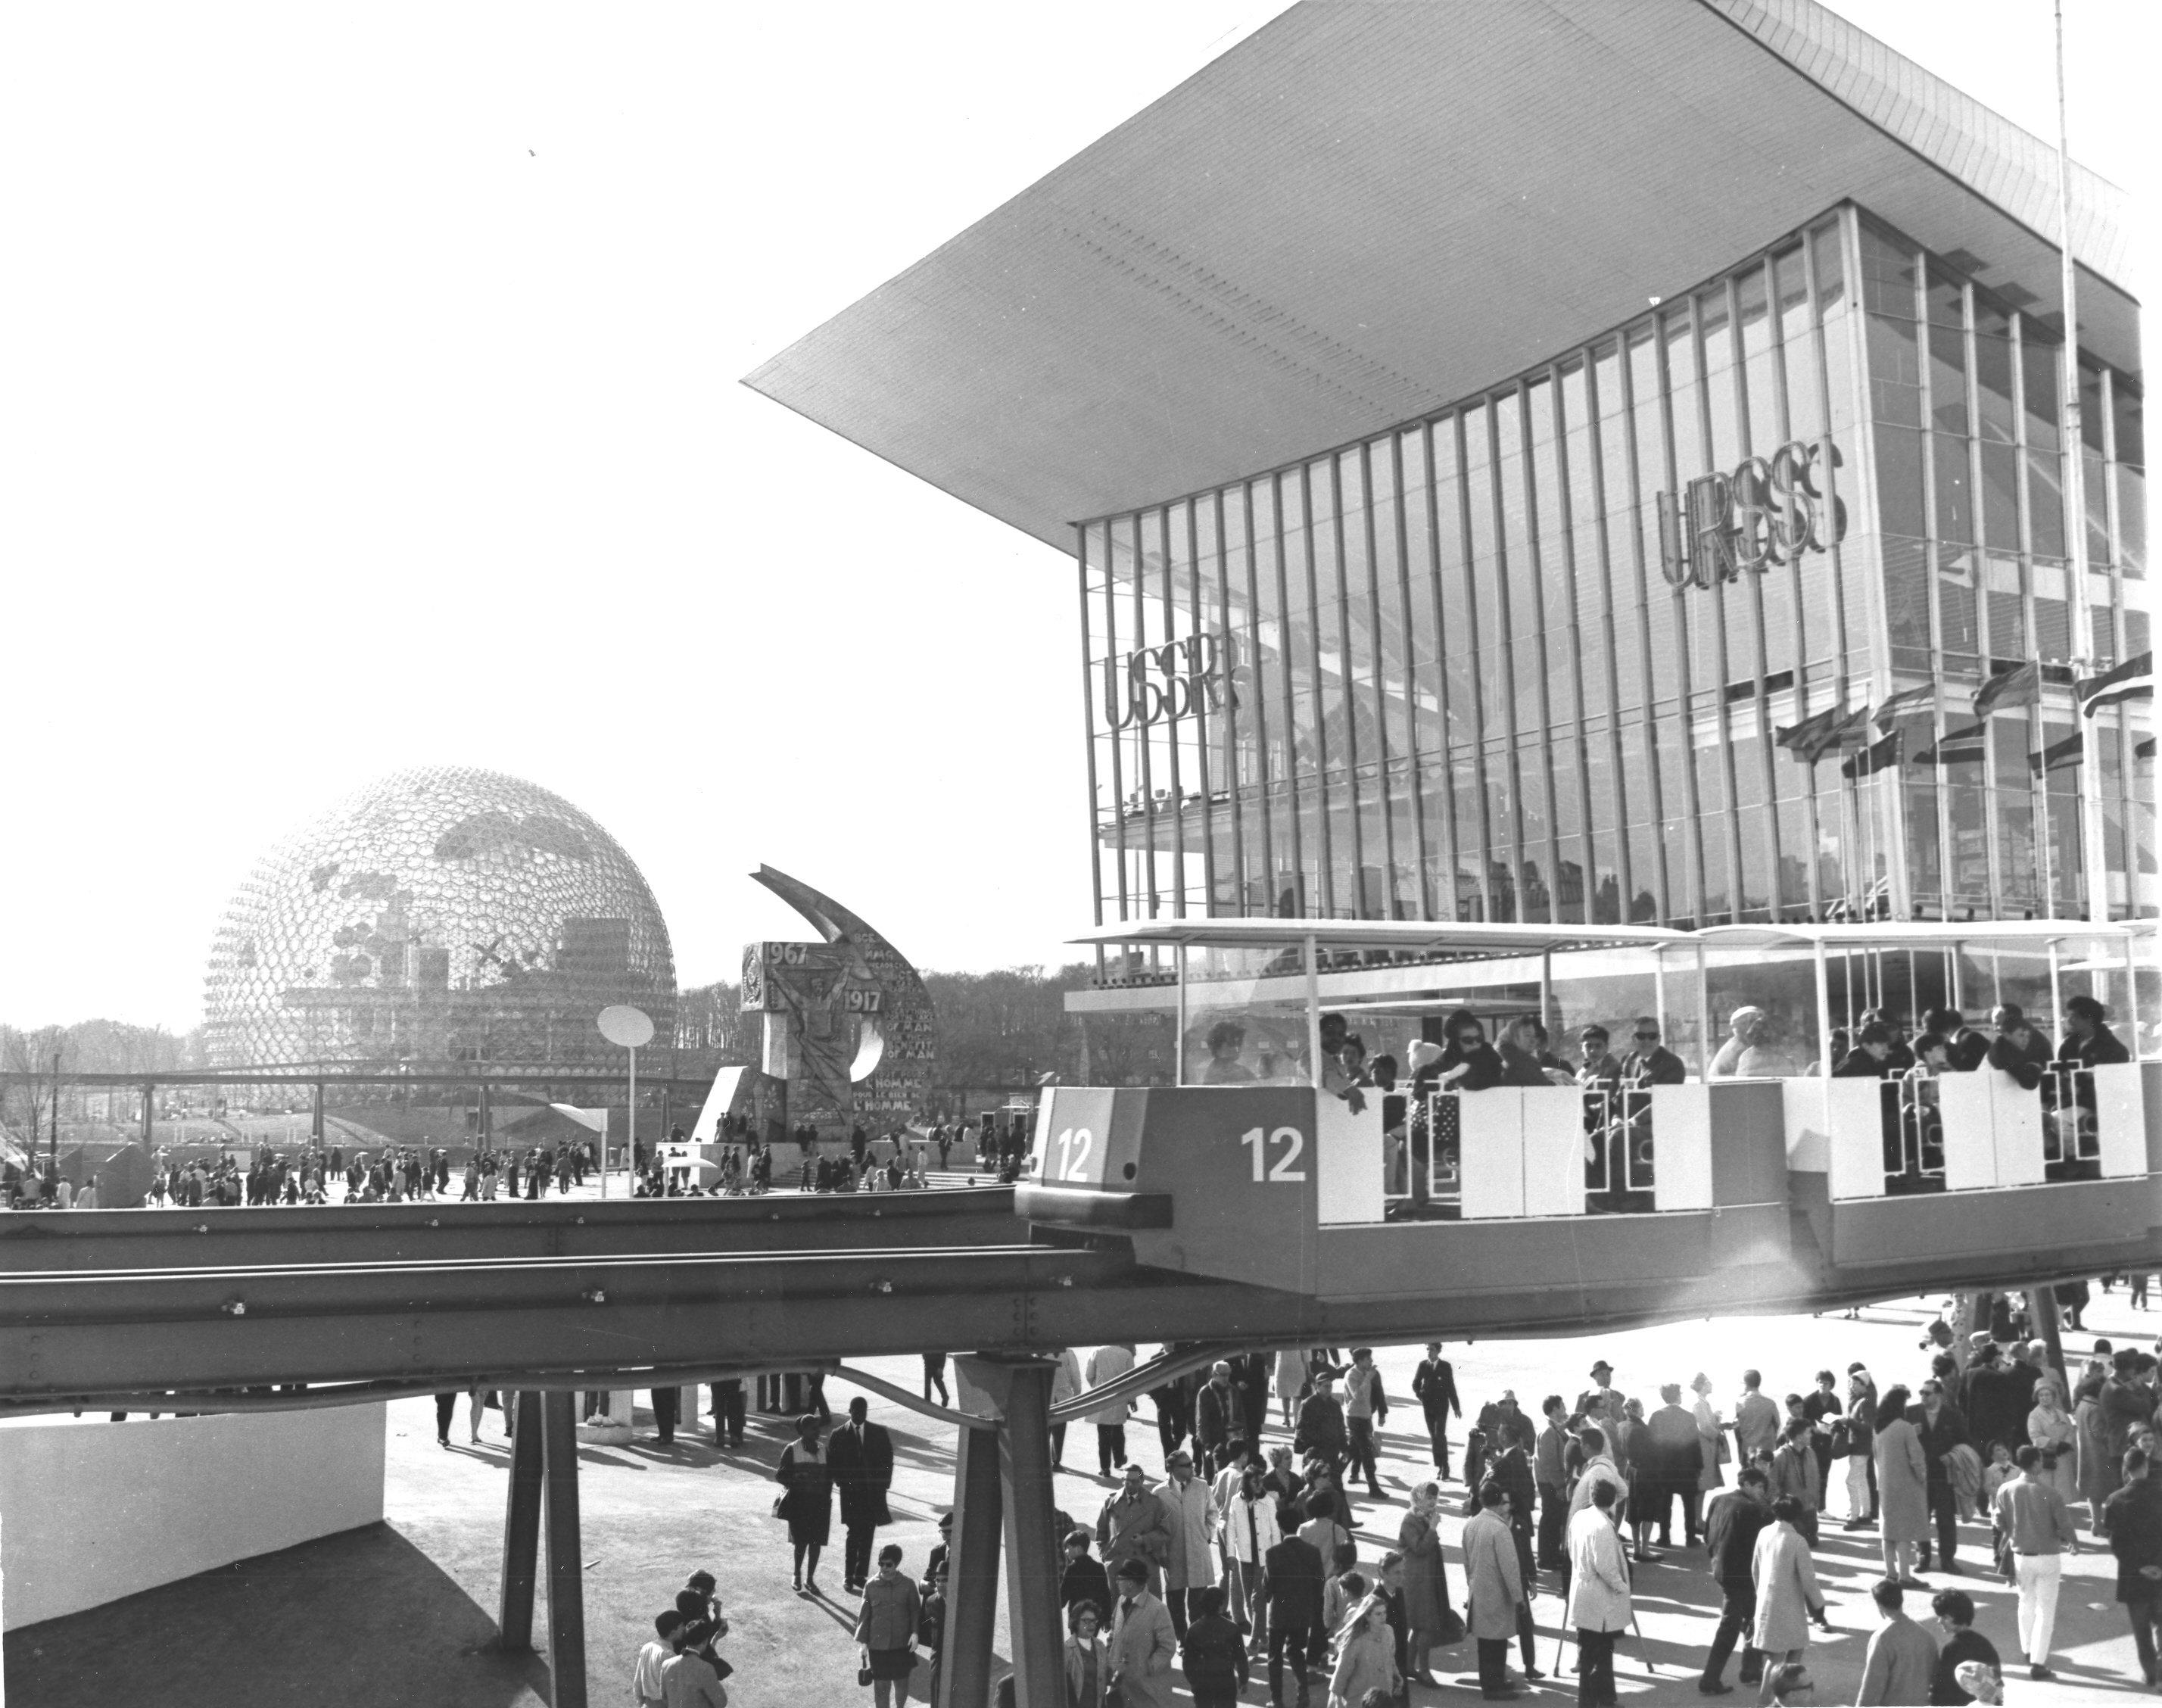 Le monorail devant les pavillons de l'Union Soviétique et des États-Unis